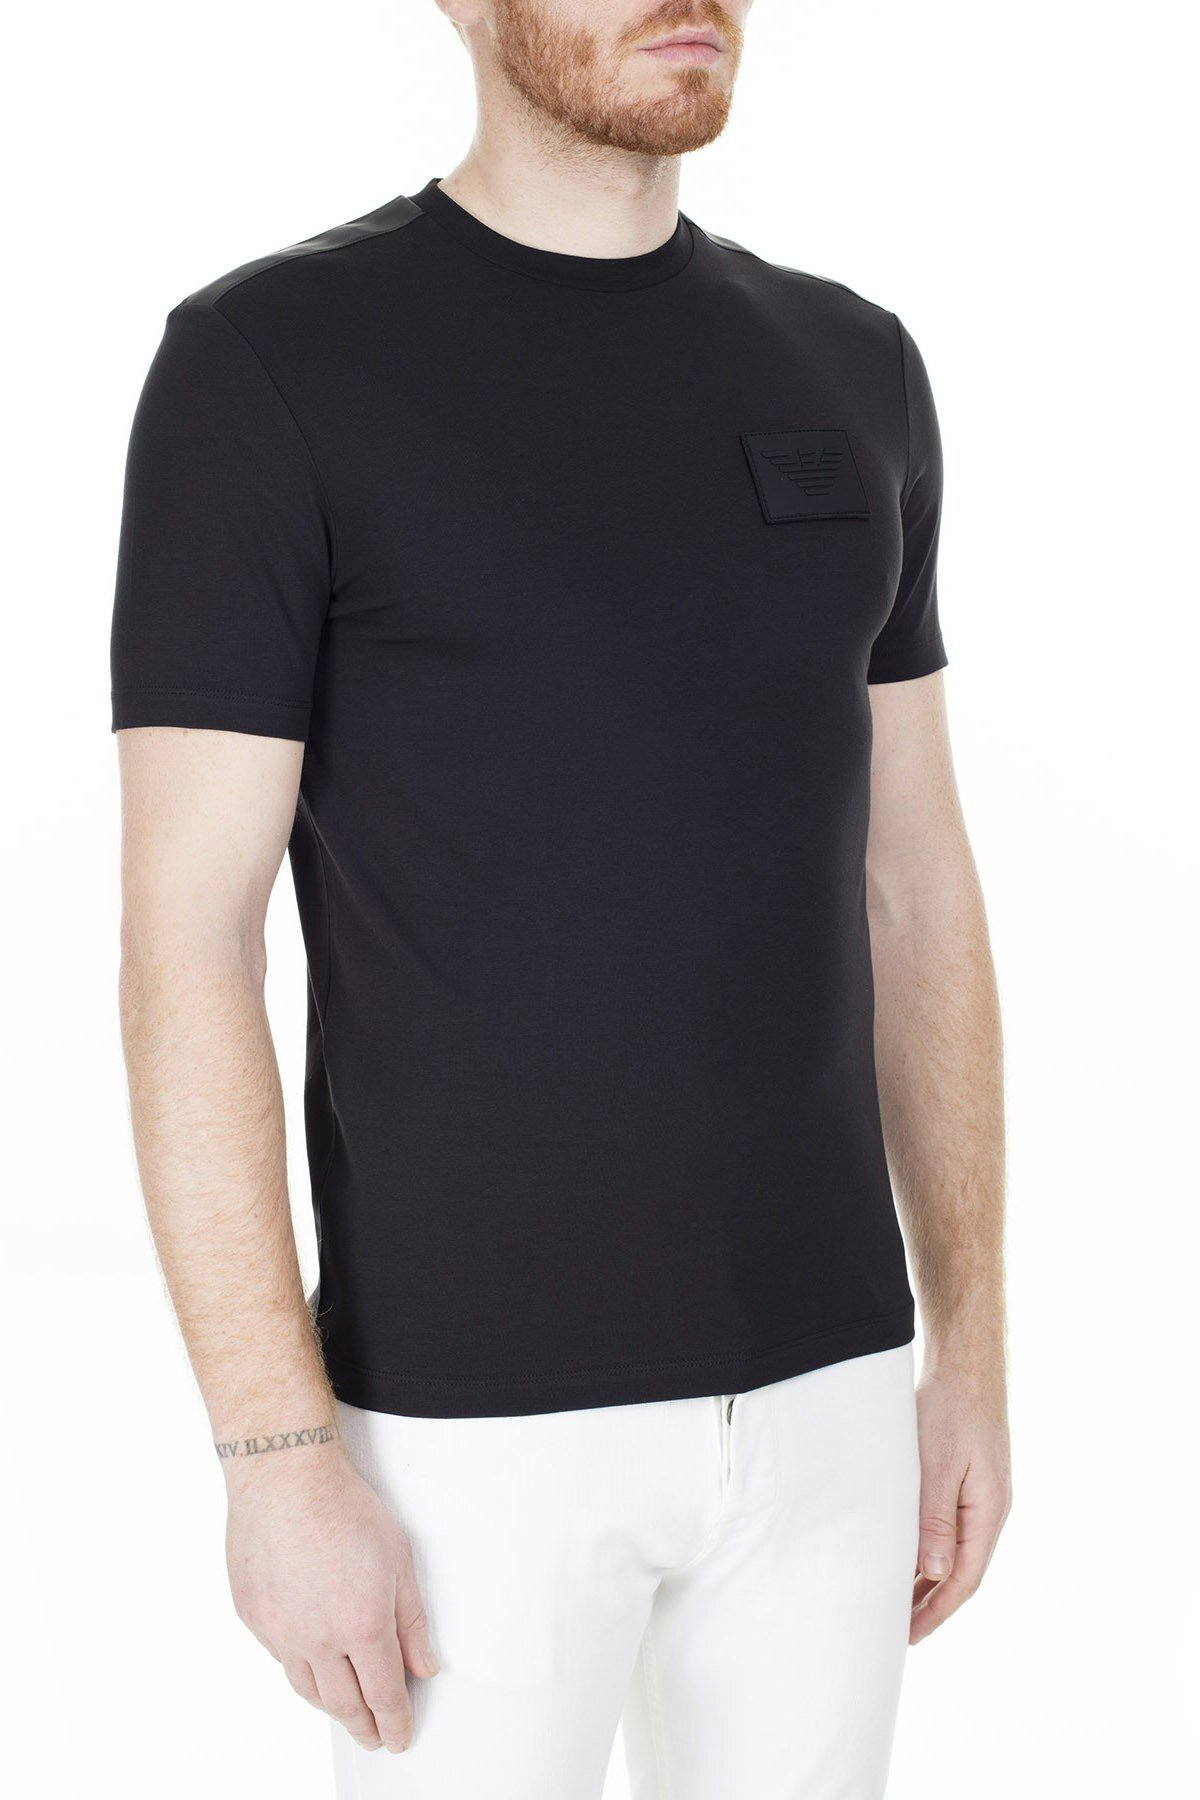 Emporio Armani Erkek T Shirt 3H1T70 1J37Z 0002 SİYAH